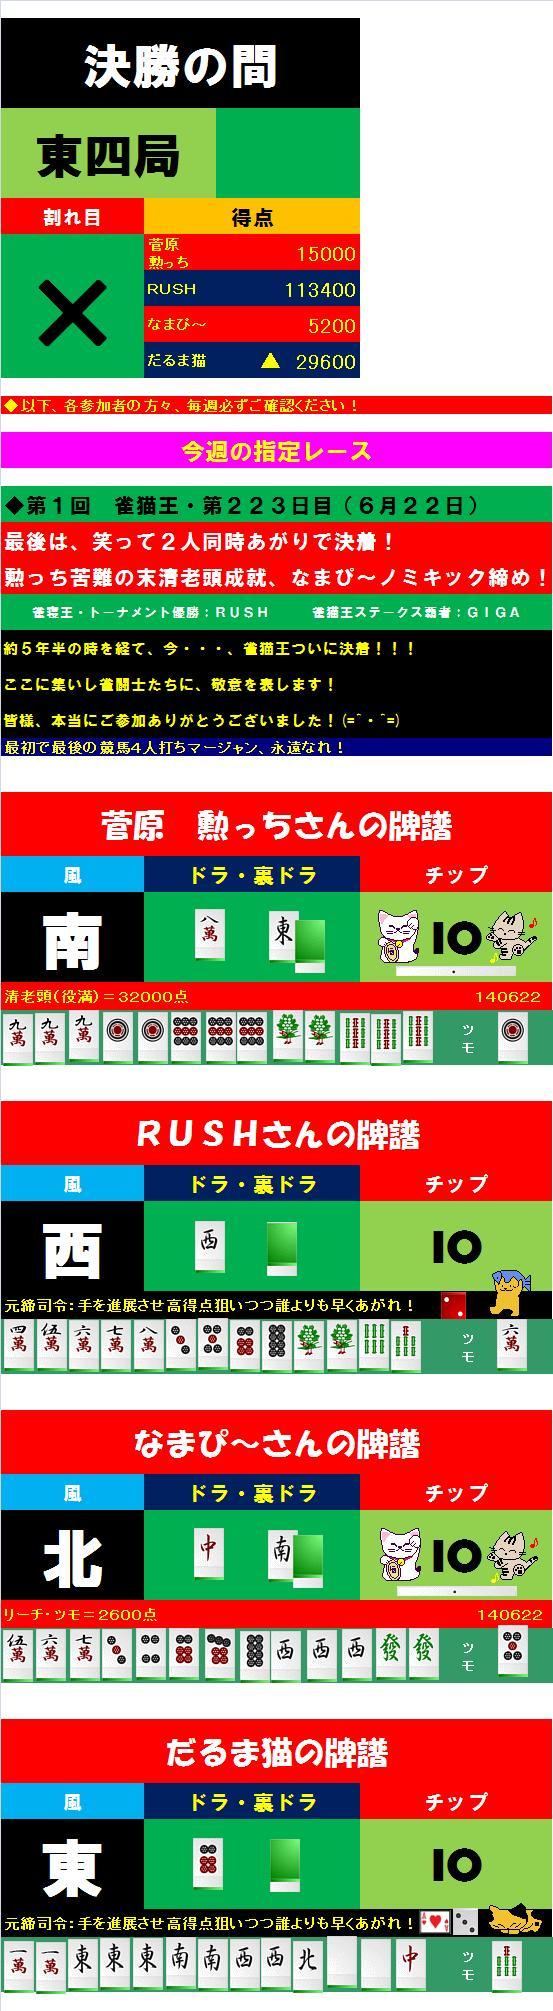 20140702・決勝牌譜☆最終決着!.jpg